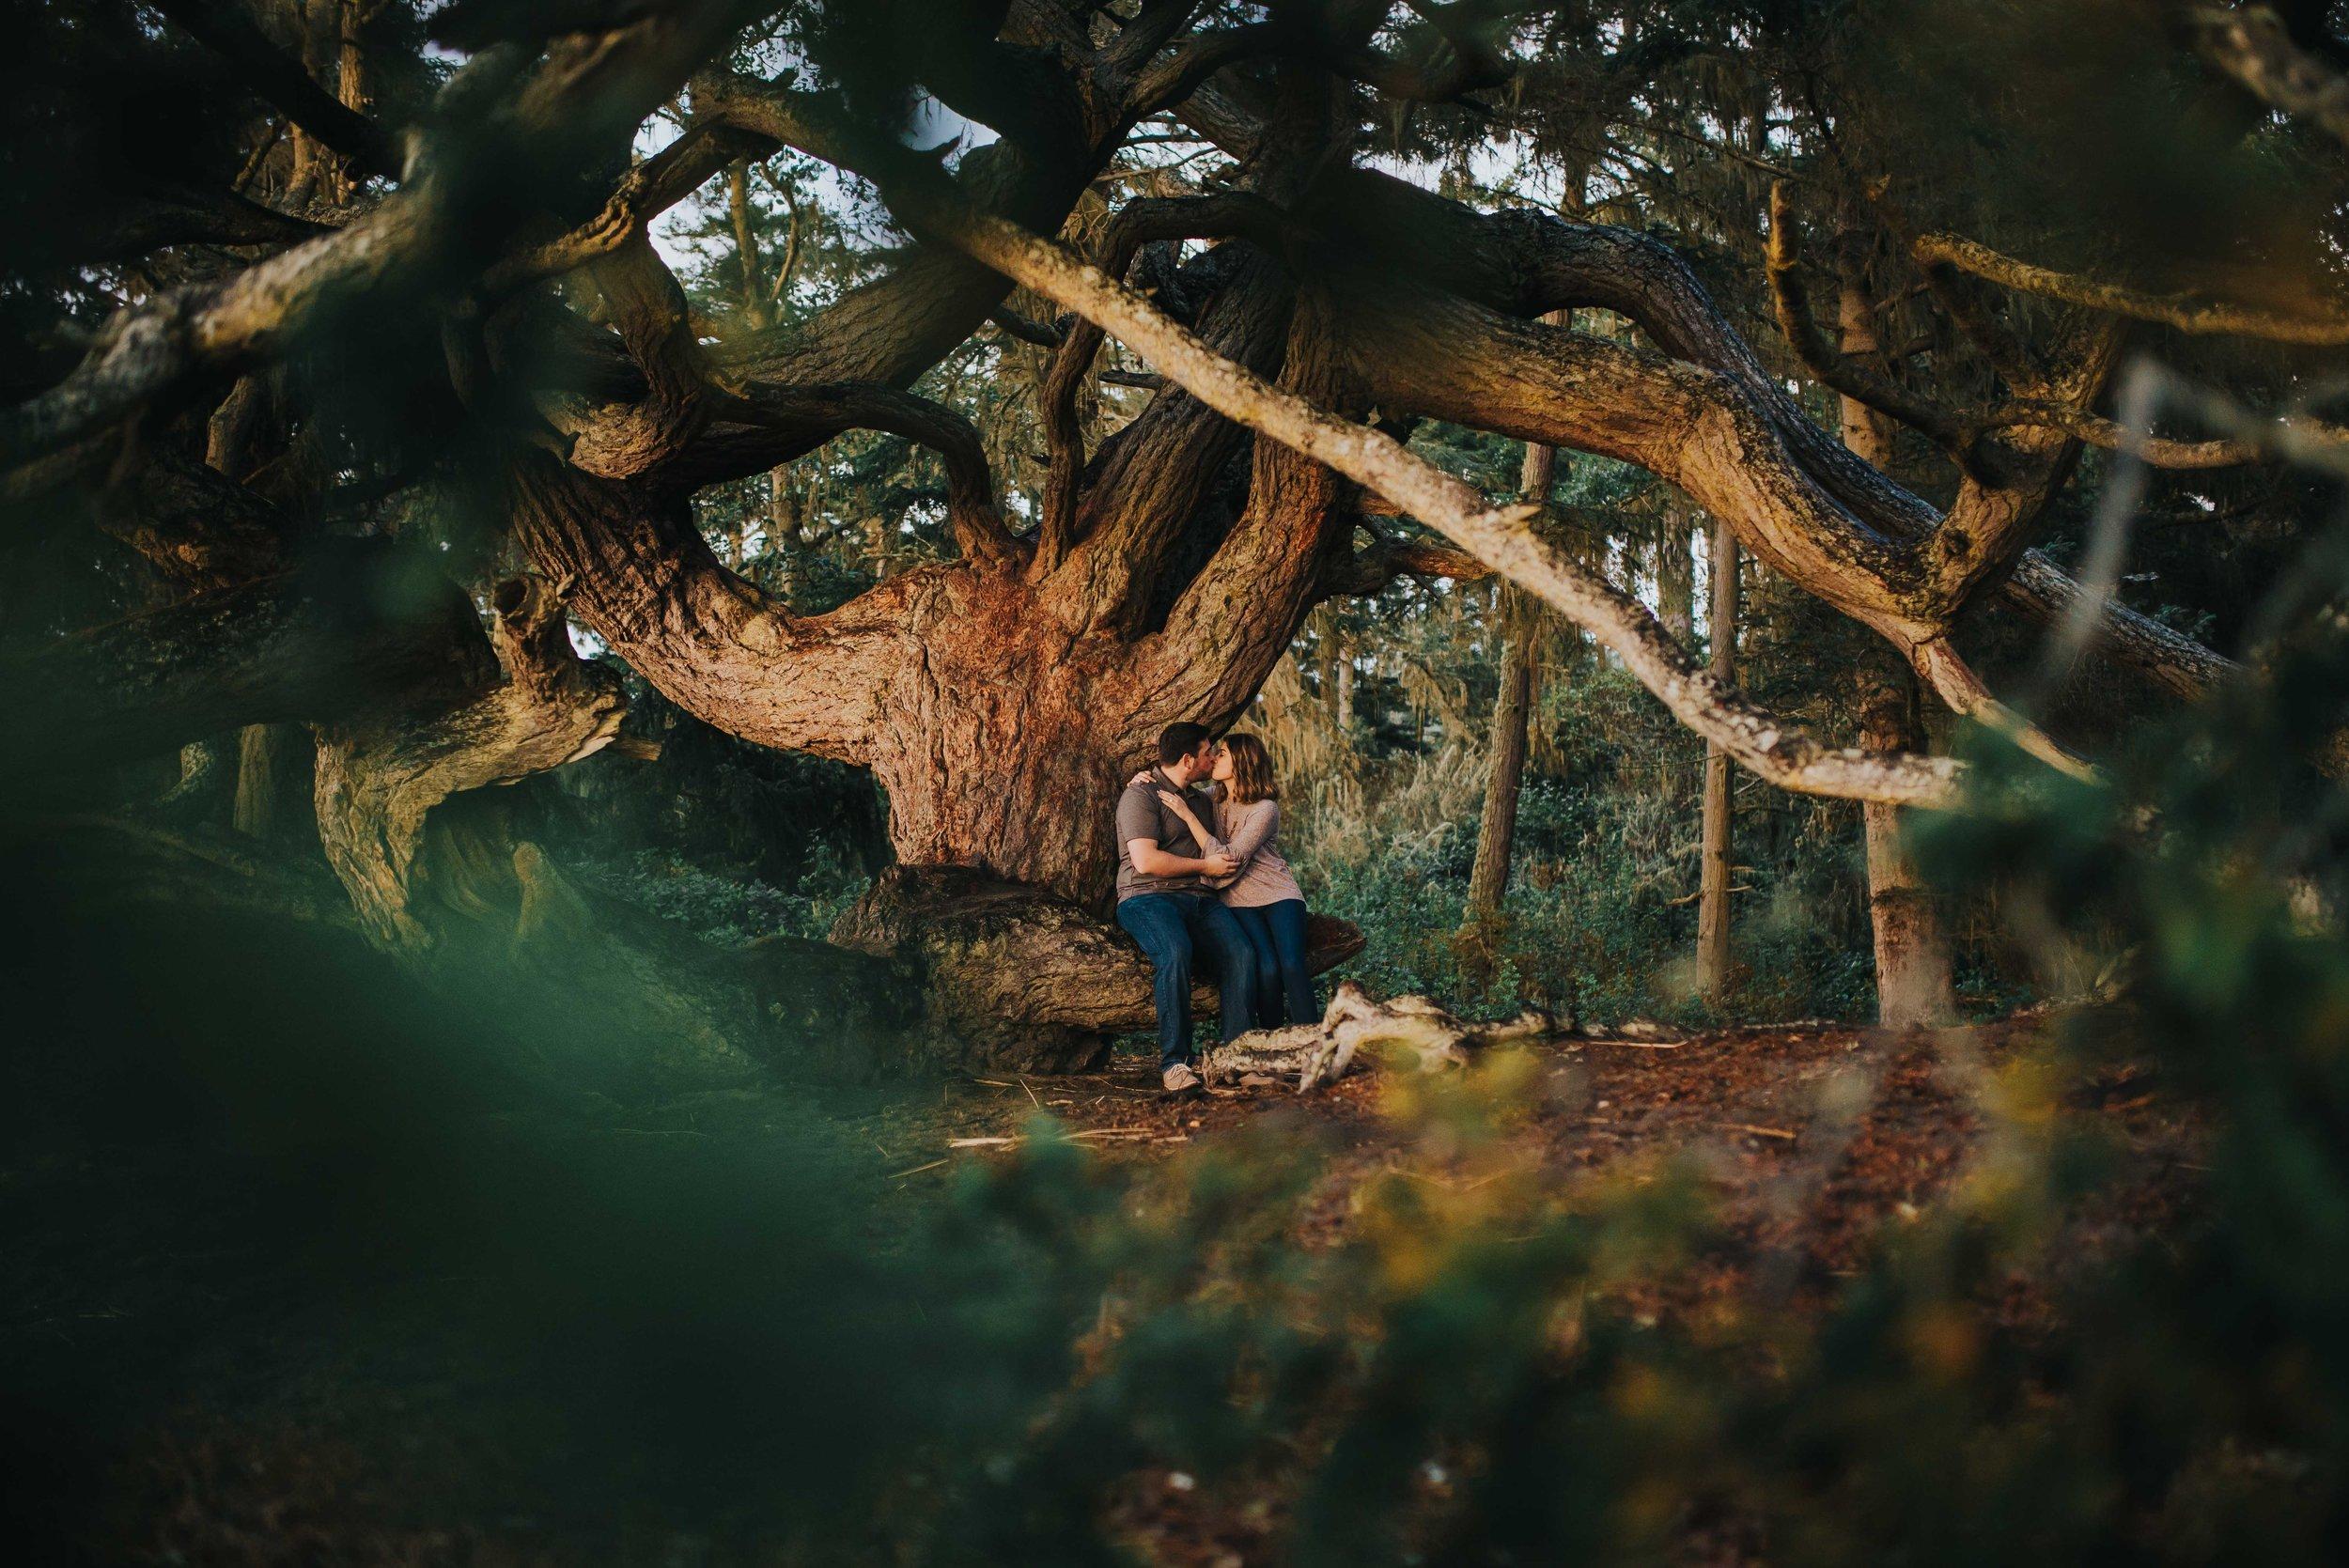 Oak-Harbor-Photographer-11.jpg